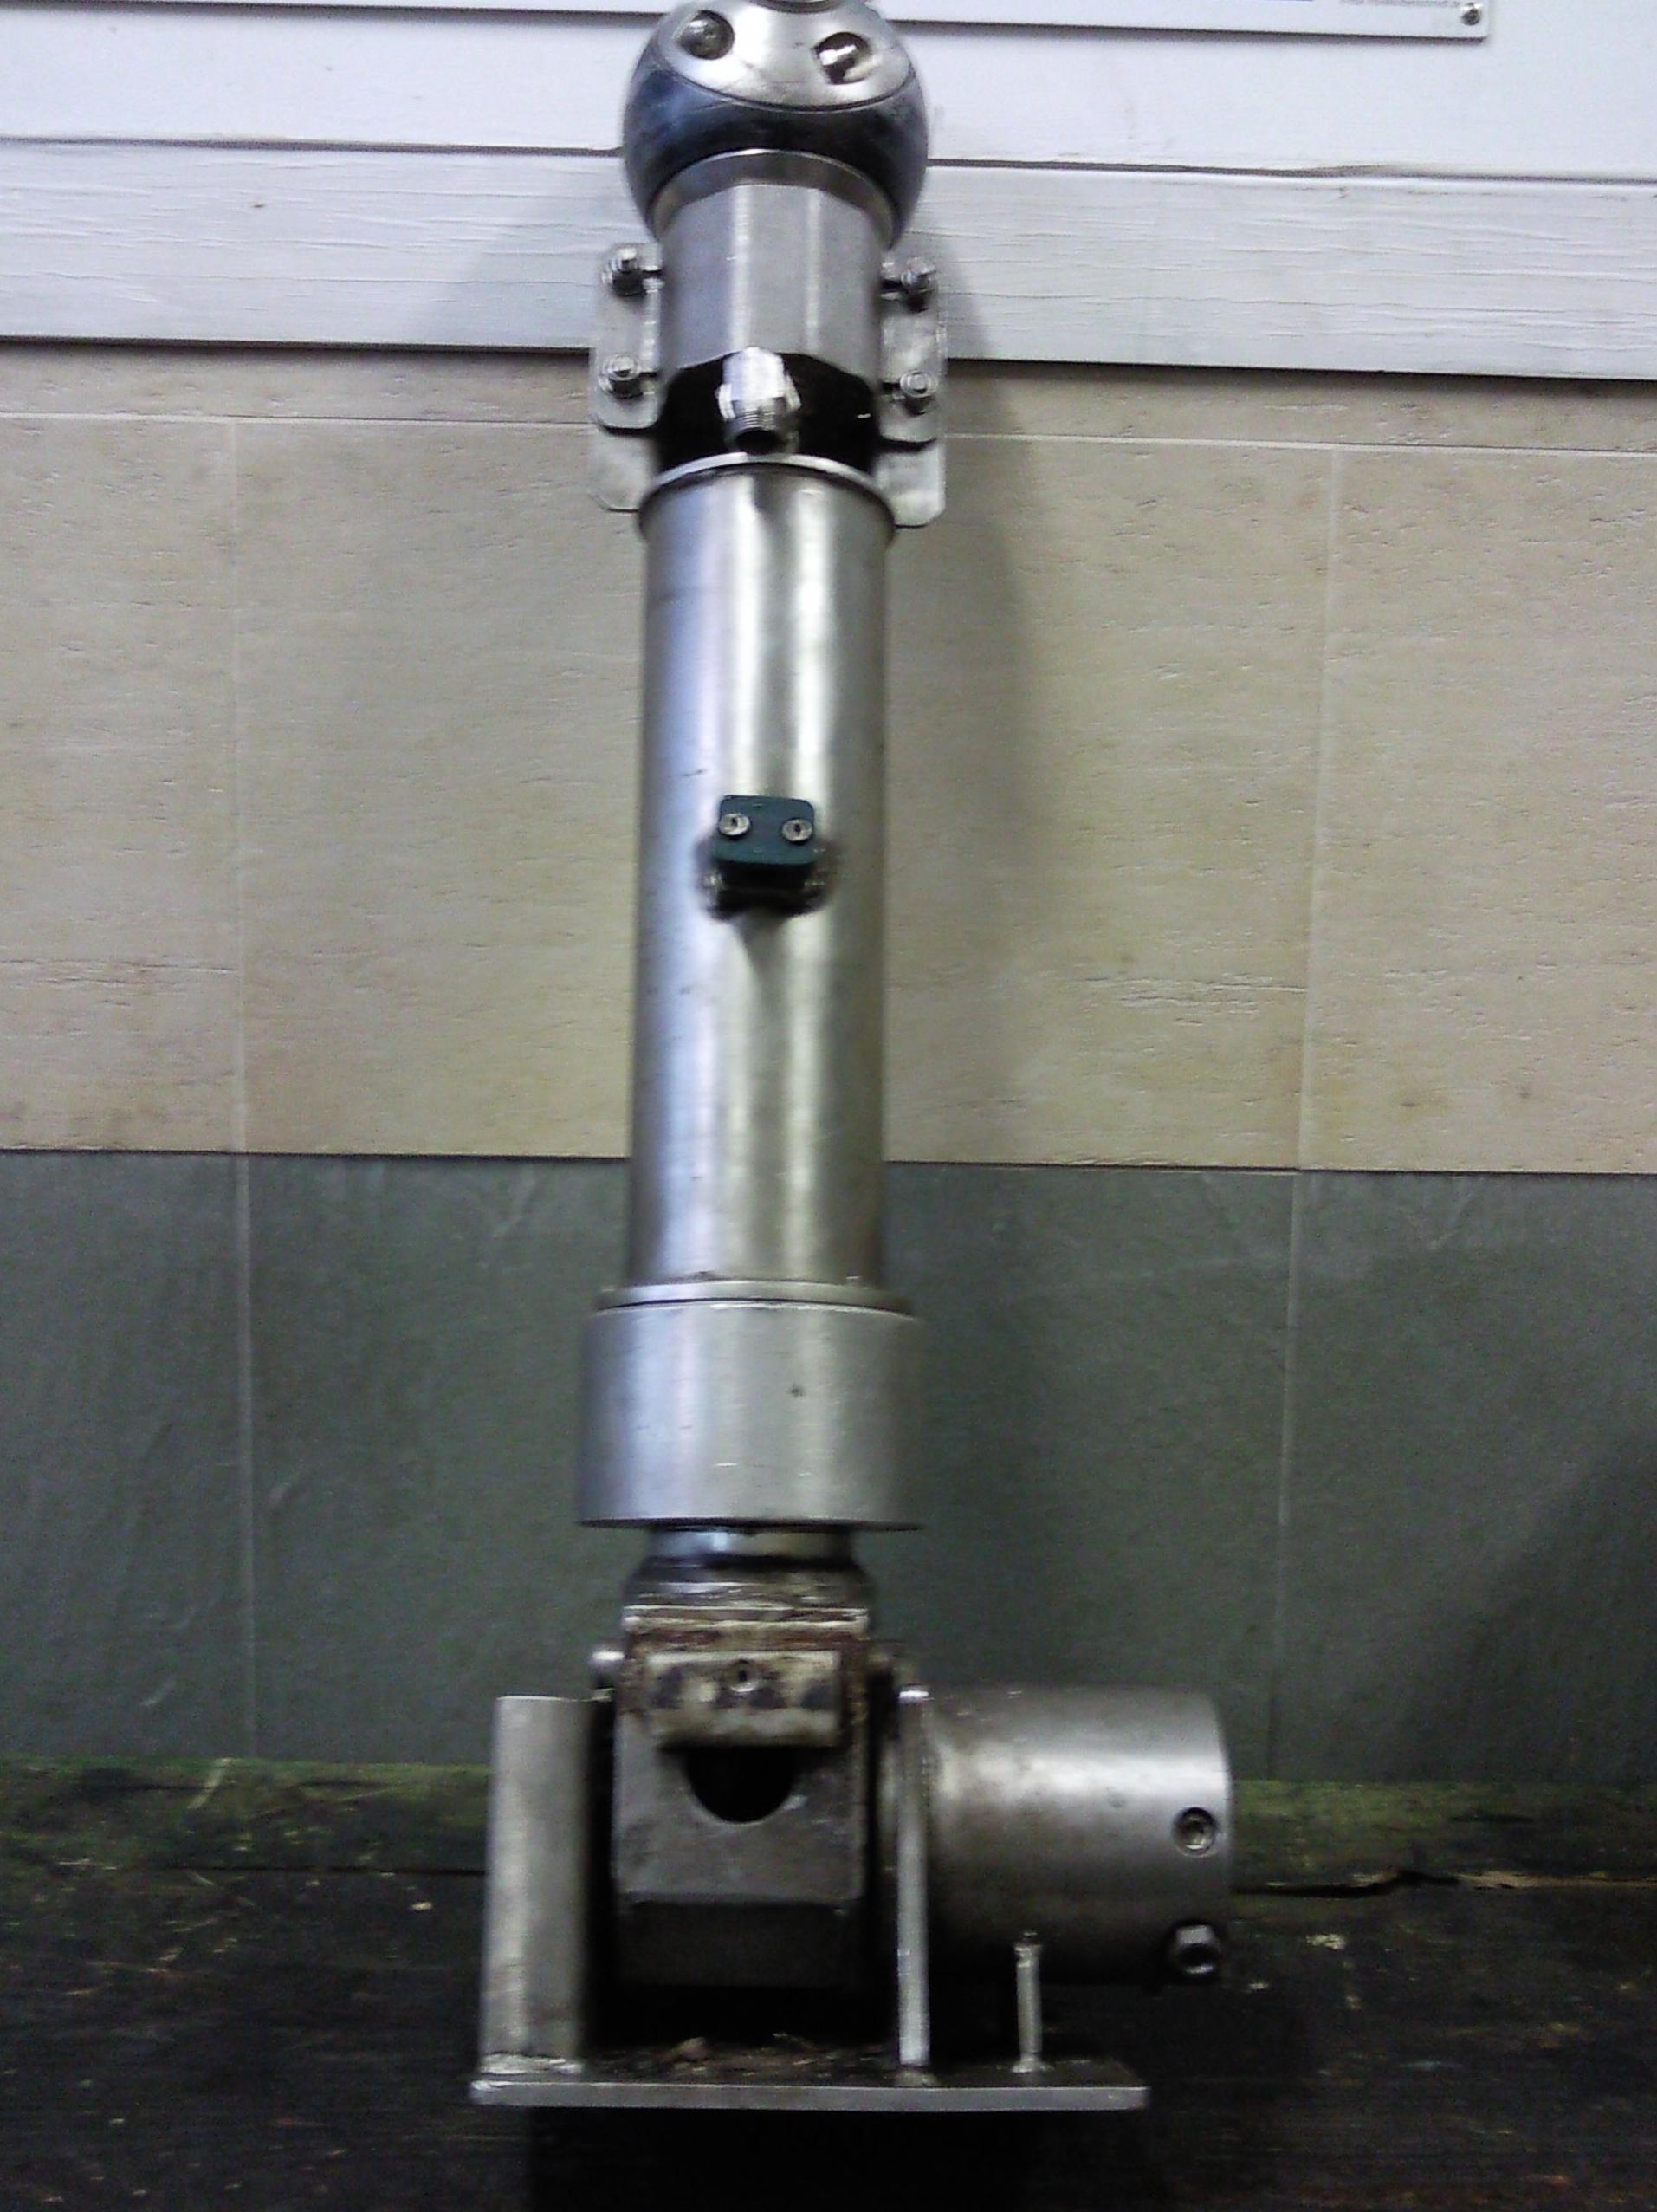 Hidraulico con cabezal giratorio y pulverizador de liquidos